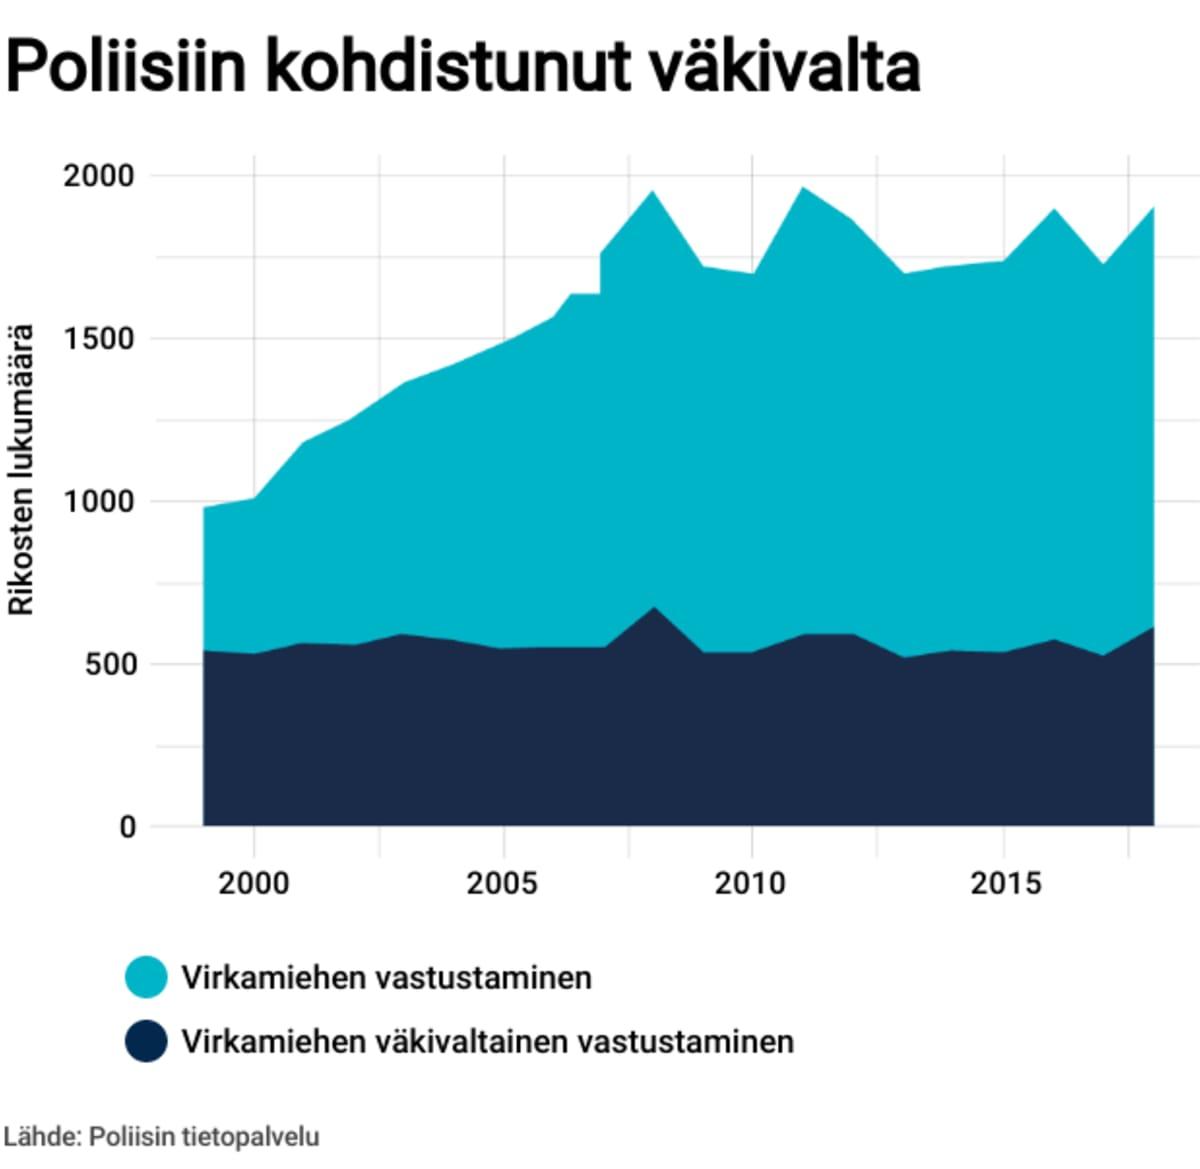 Poliisiin kohdistunut väkivalta 2000-luvulla.